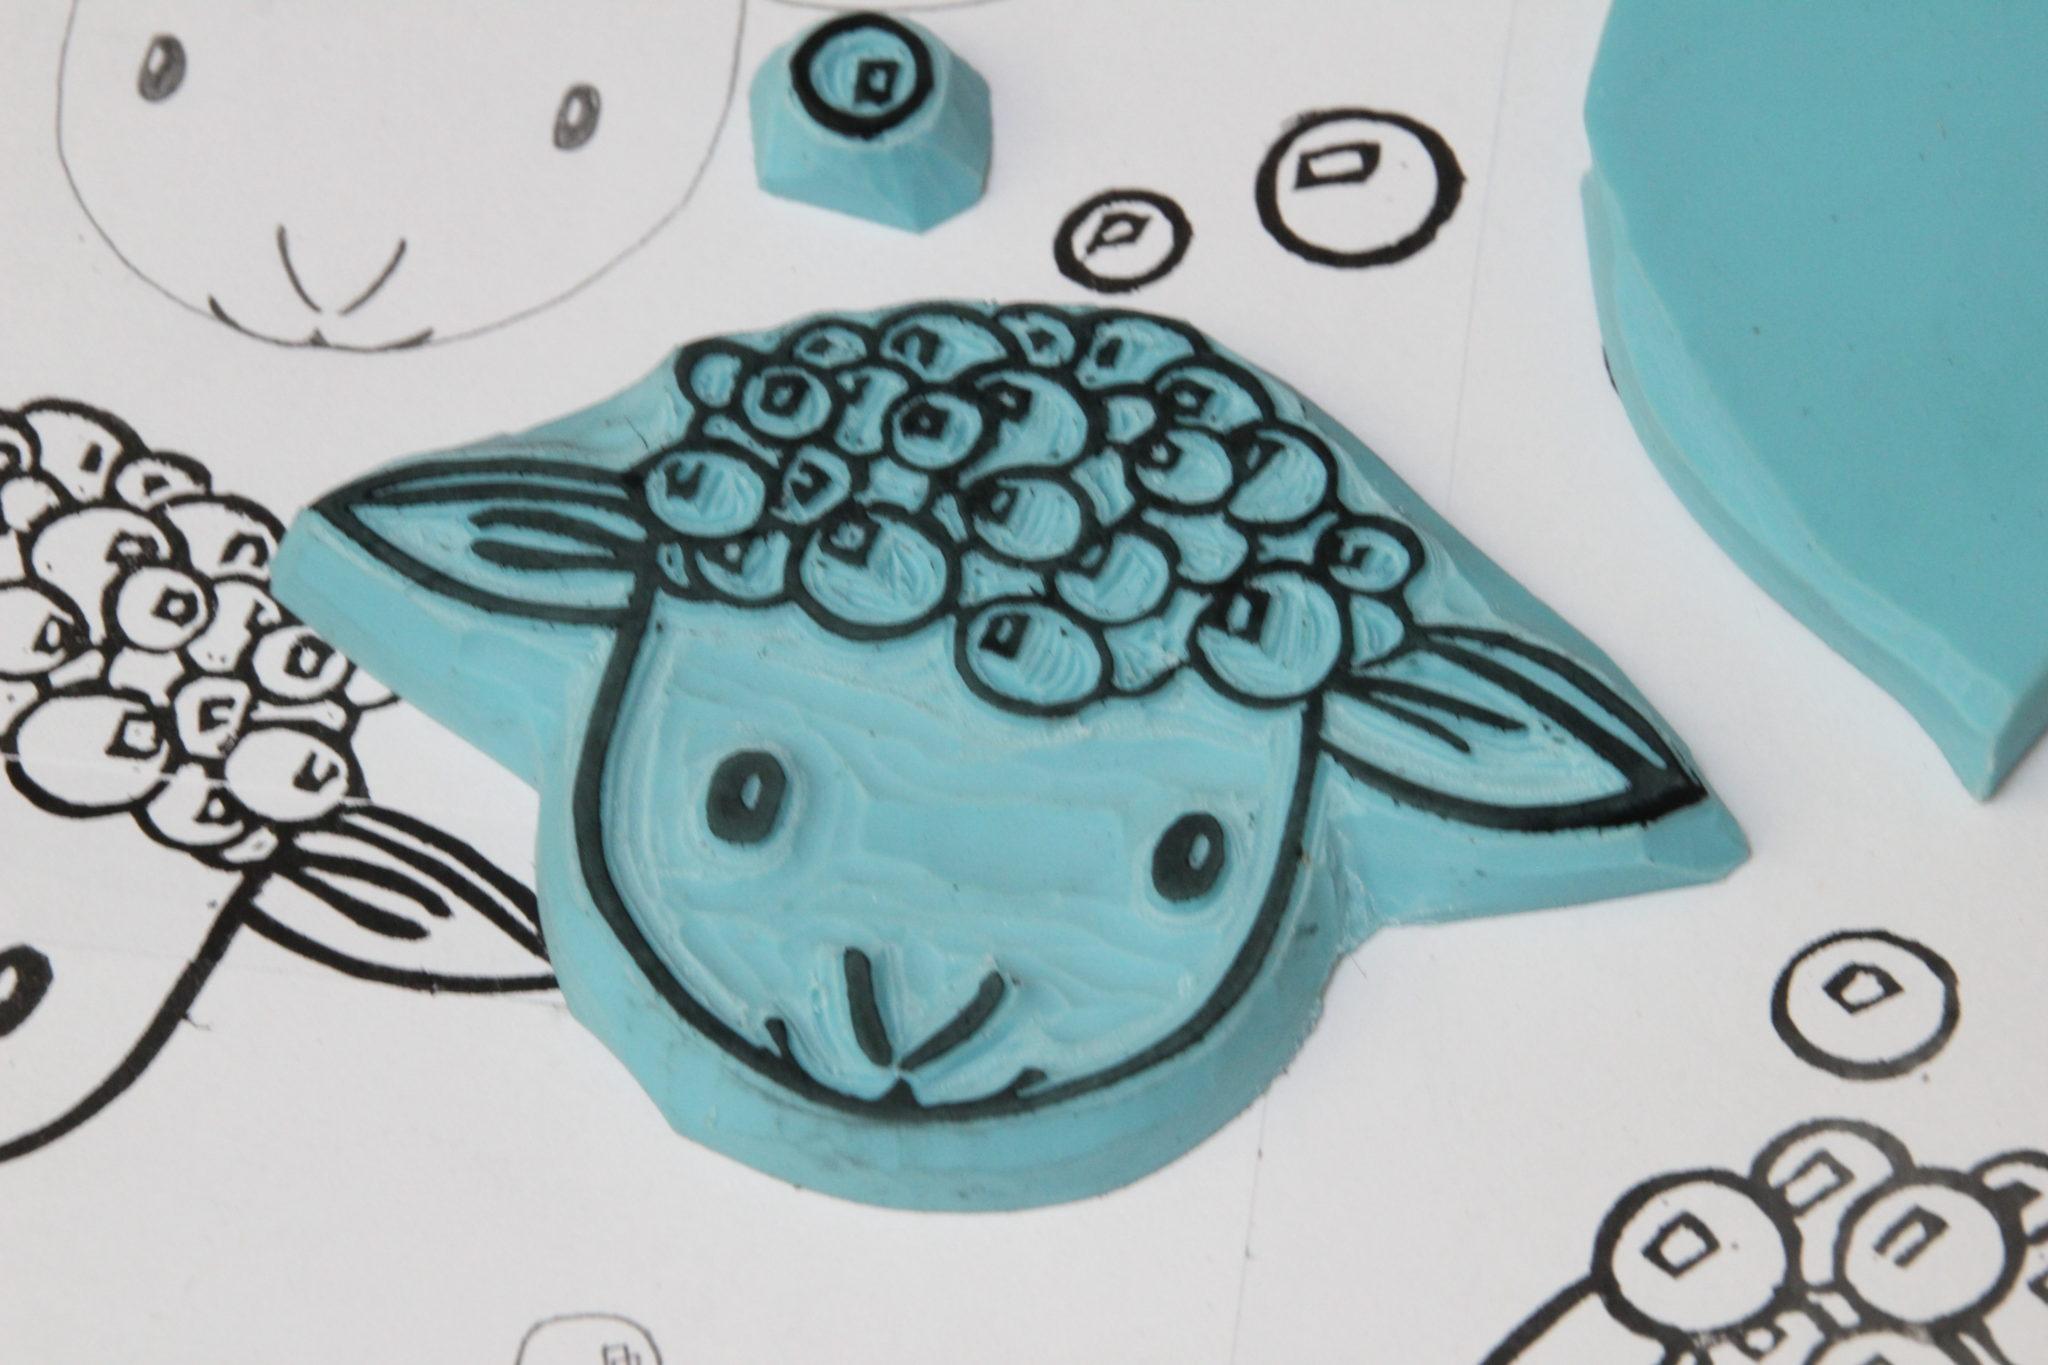 LinoLino   Linogravure et créations à partir d'impressions artisanales   Chambéry, France   Gravure de tampons, gravure sur gomme